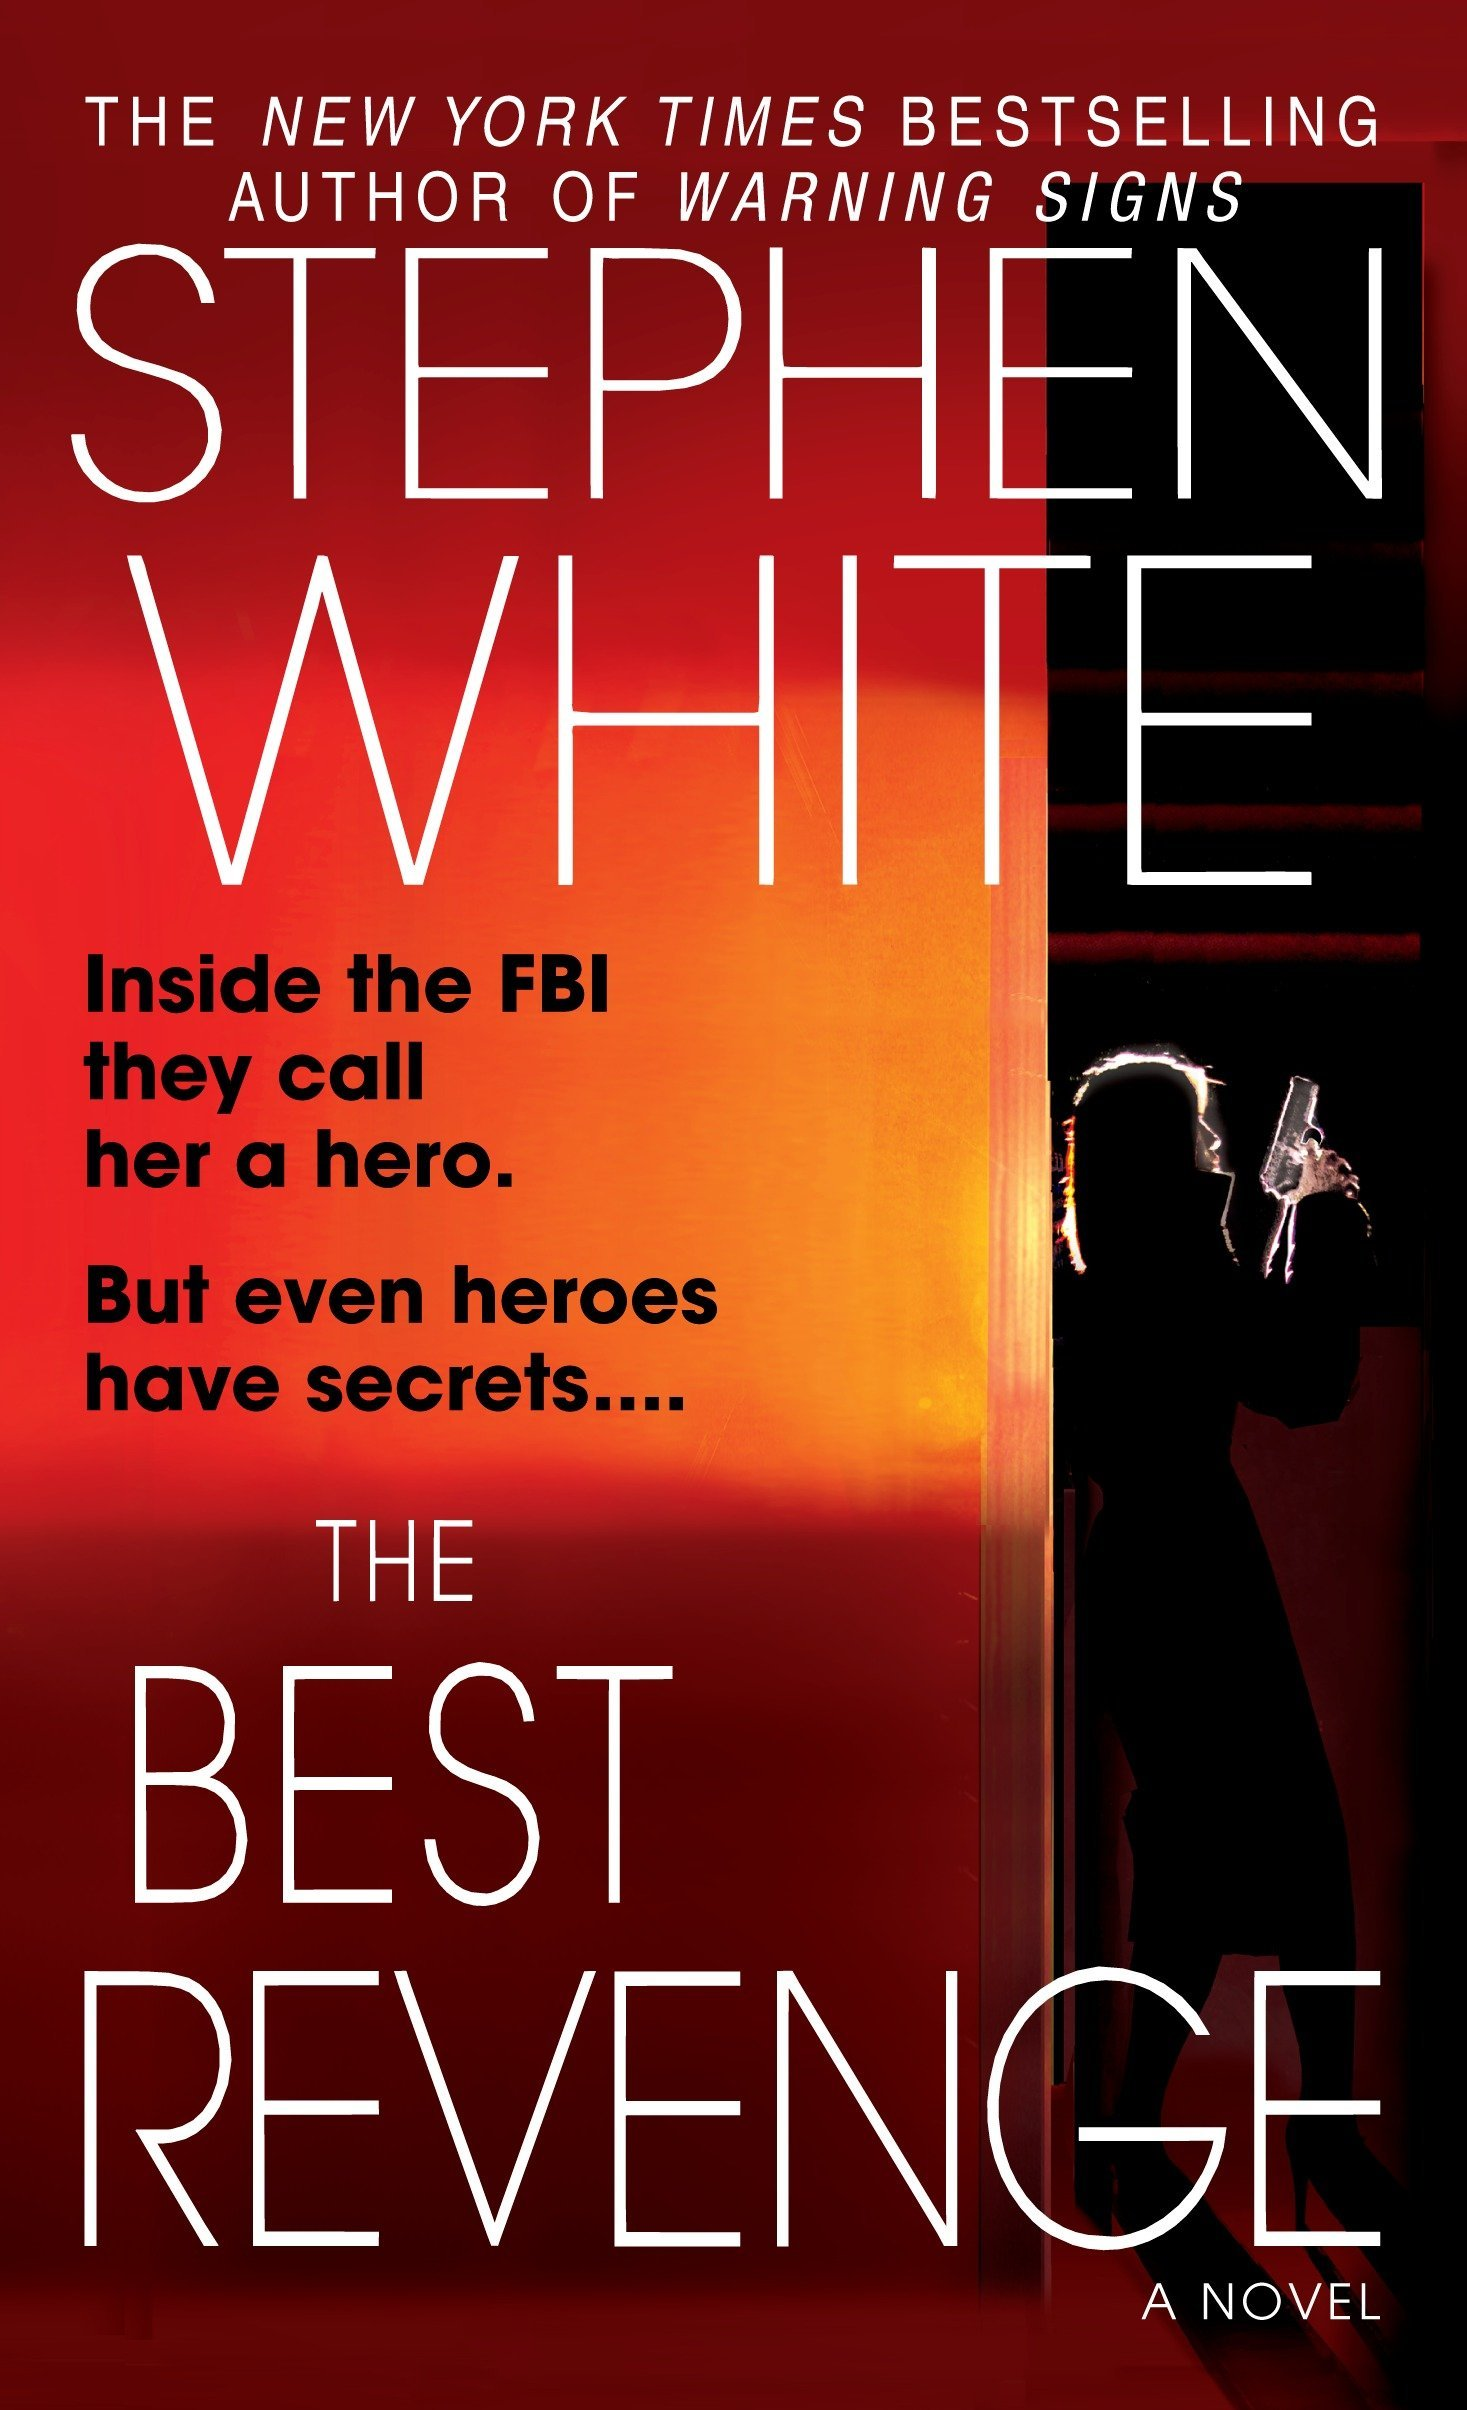 The Best Revenge: A Novel (Alan Gregory): Stephen White